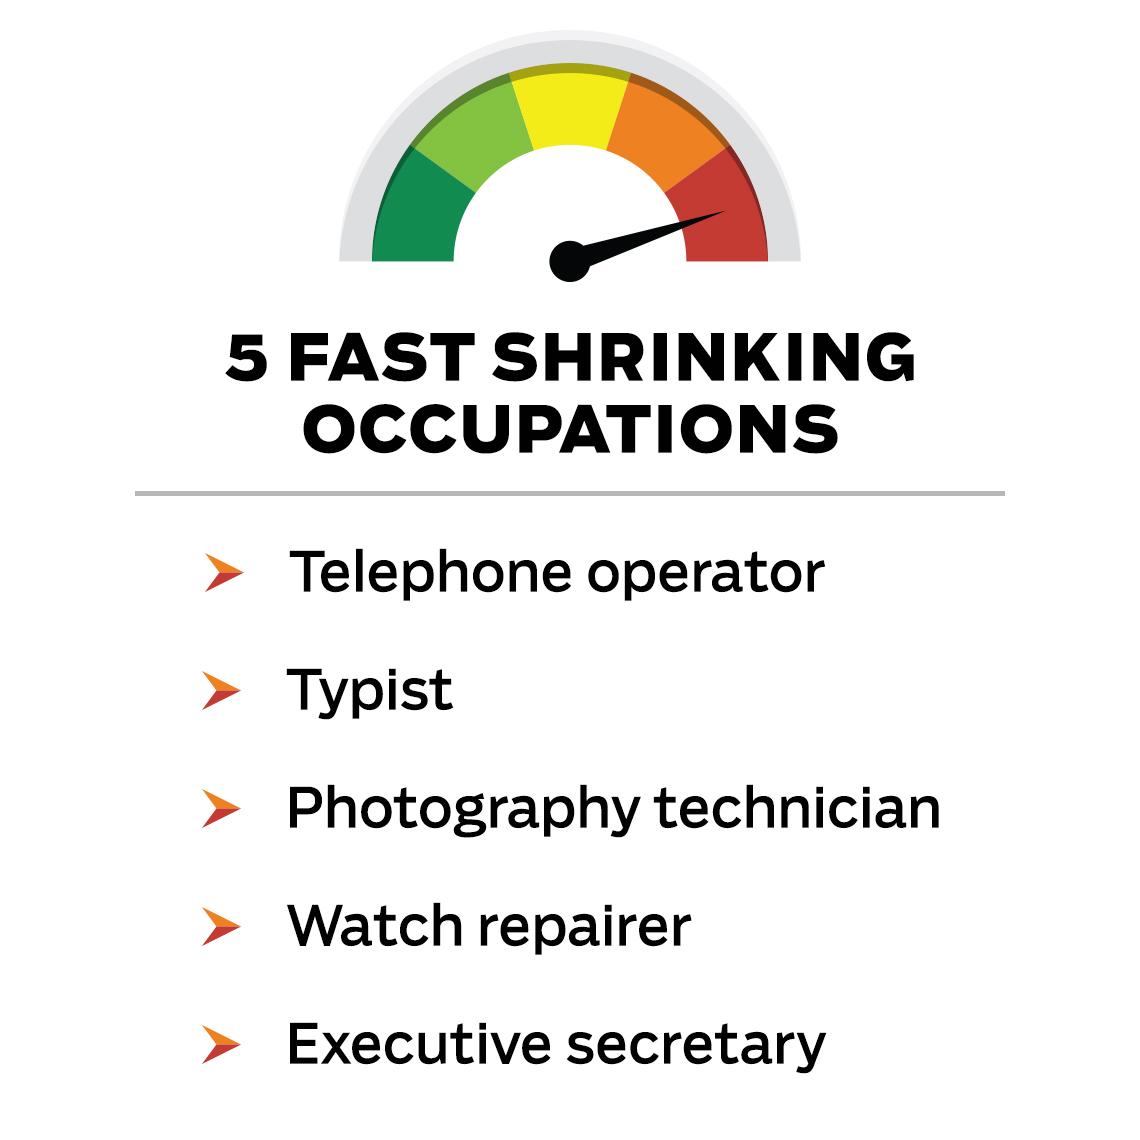 Shrinking jobs